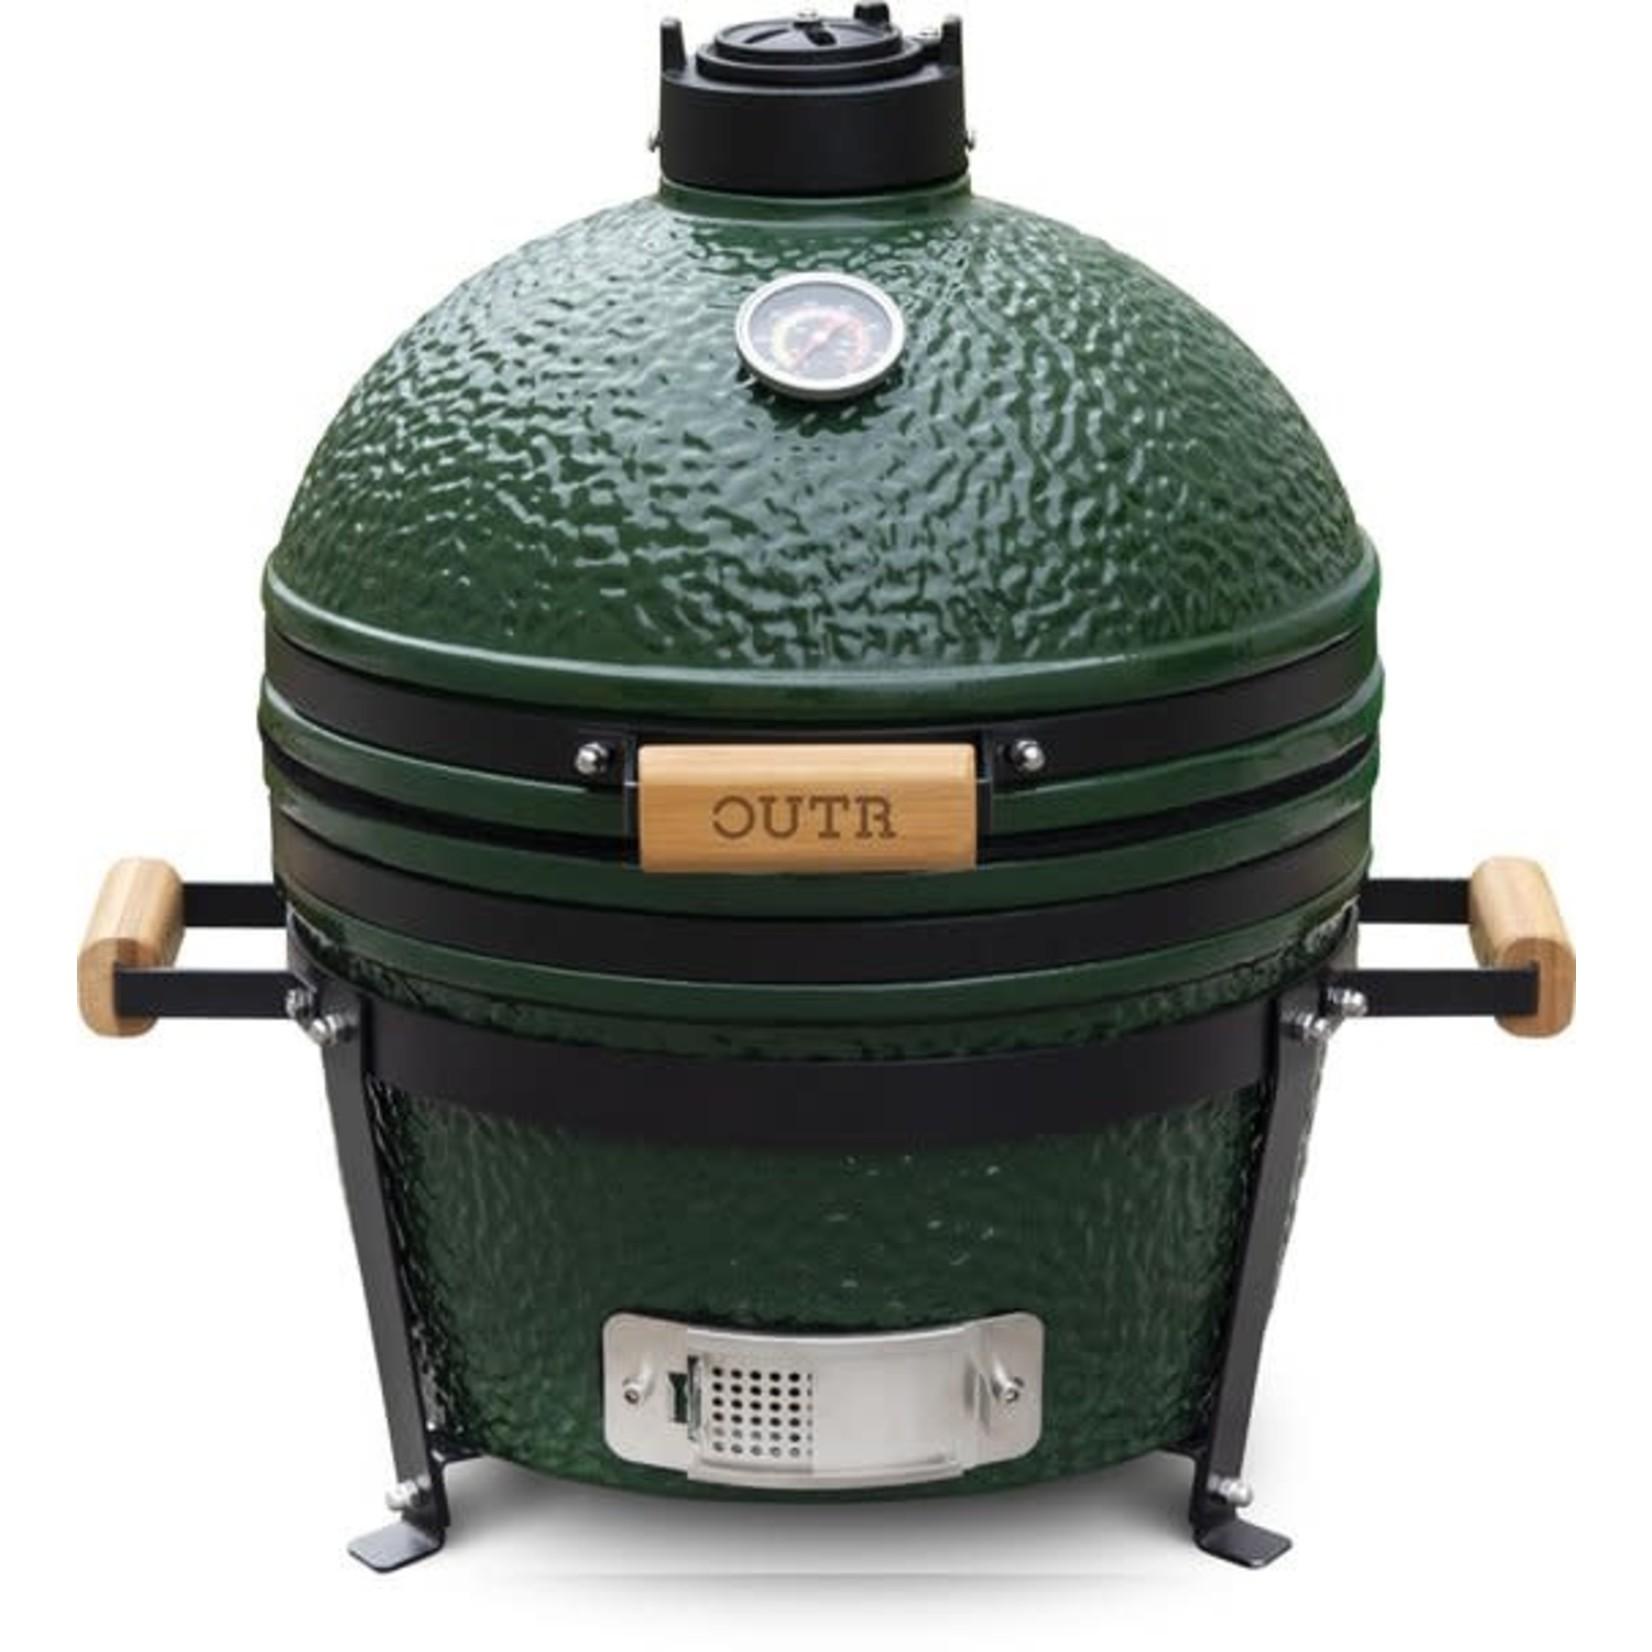 Outr Outr kamado grill medium 40 groen